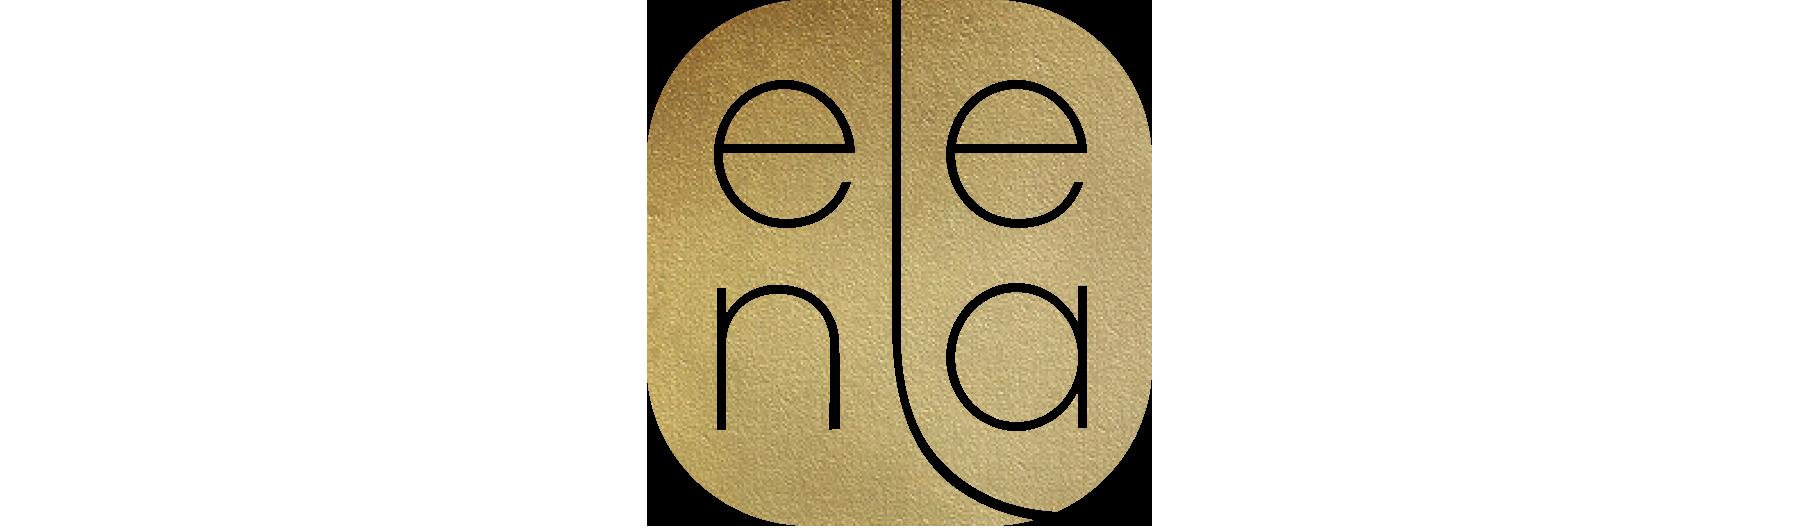 EC_watermark_(2016-11-1)_raster_for website footer2.png